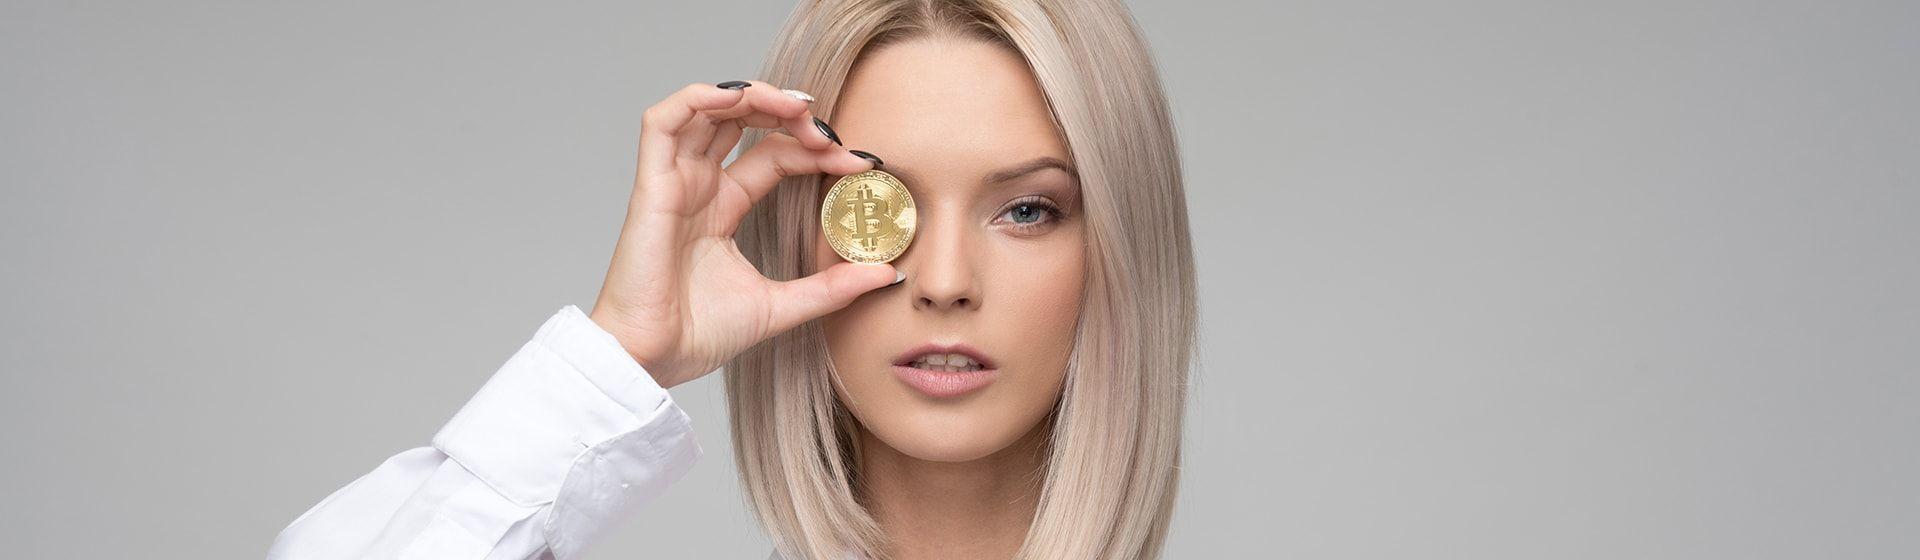 Rechtliche Fakten zum Handeln mit Bitcoins